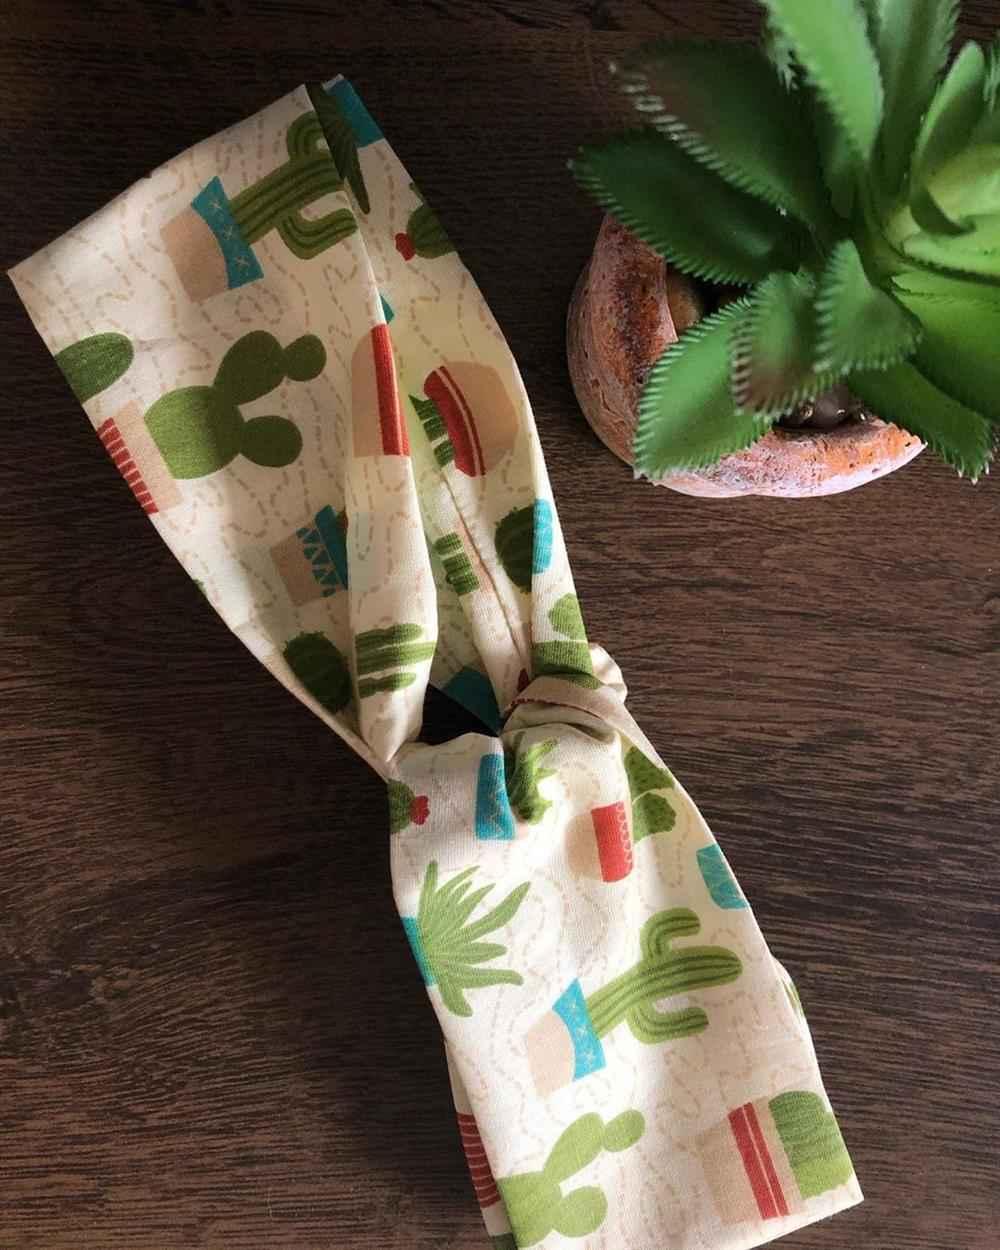 tiara de tecido da moda